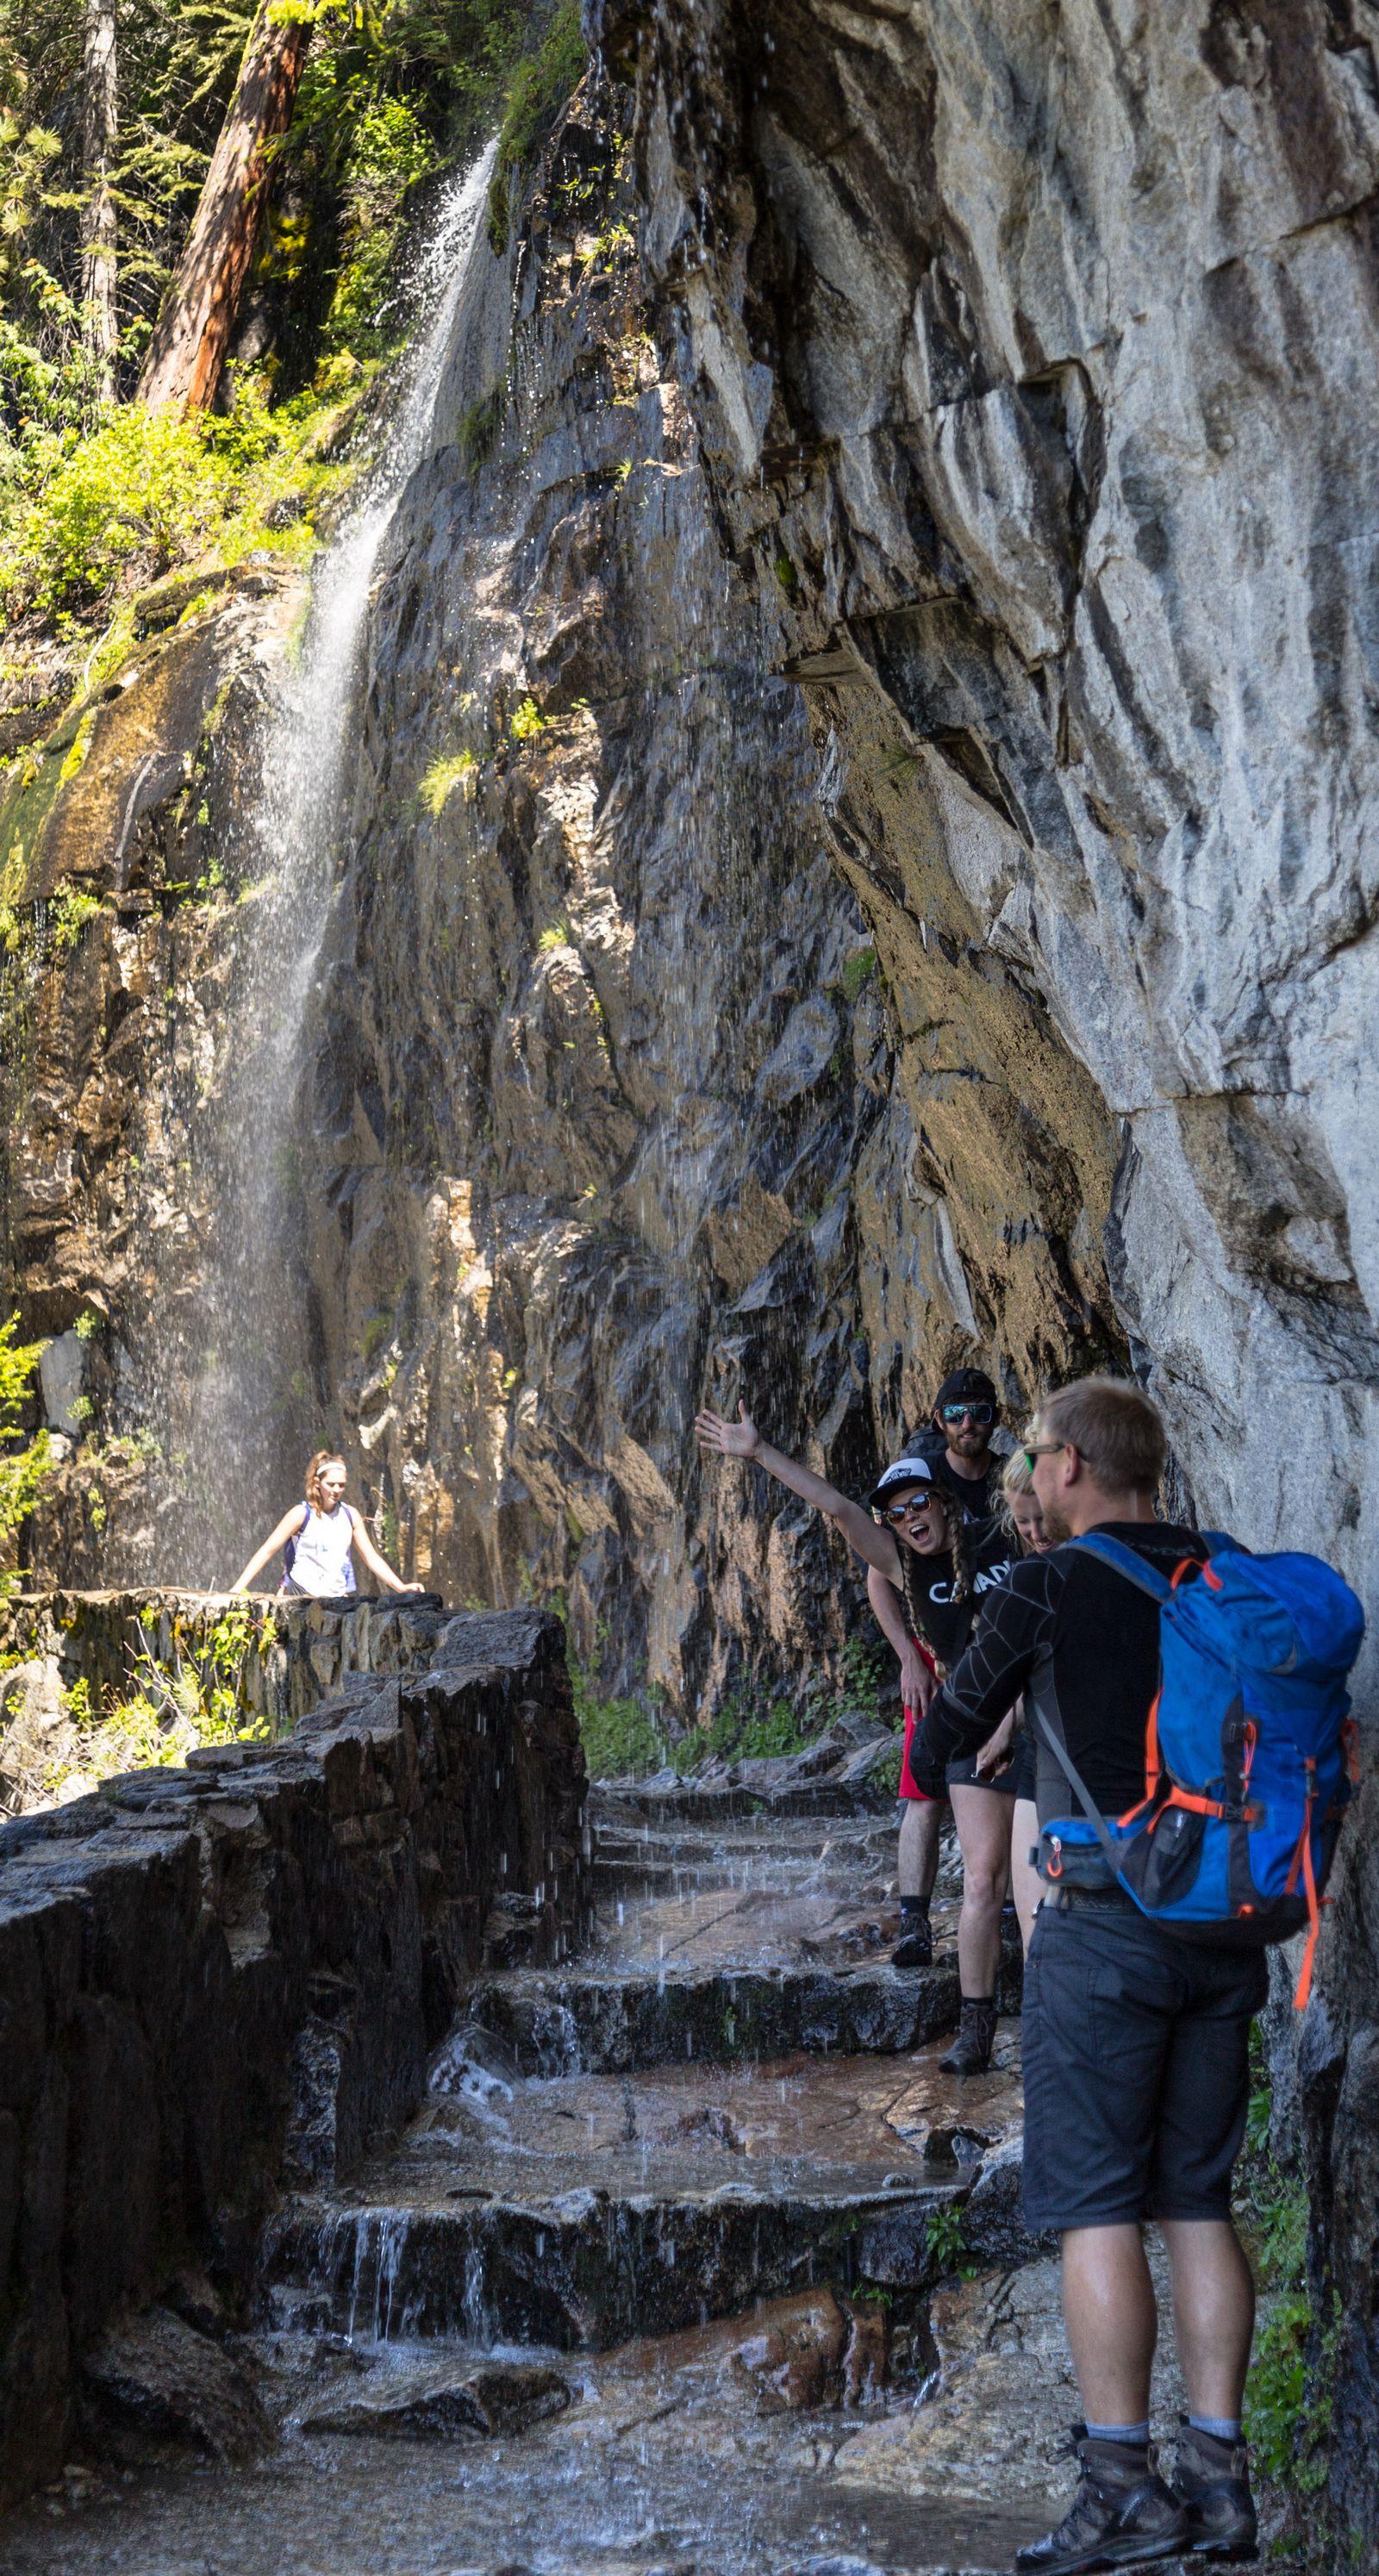 El peaje al iniciar el John Muir Trail